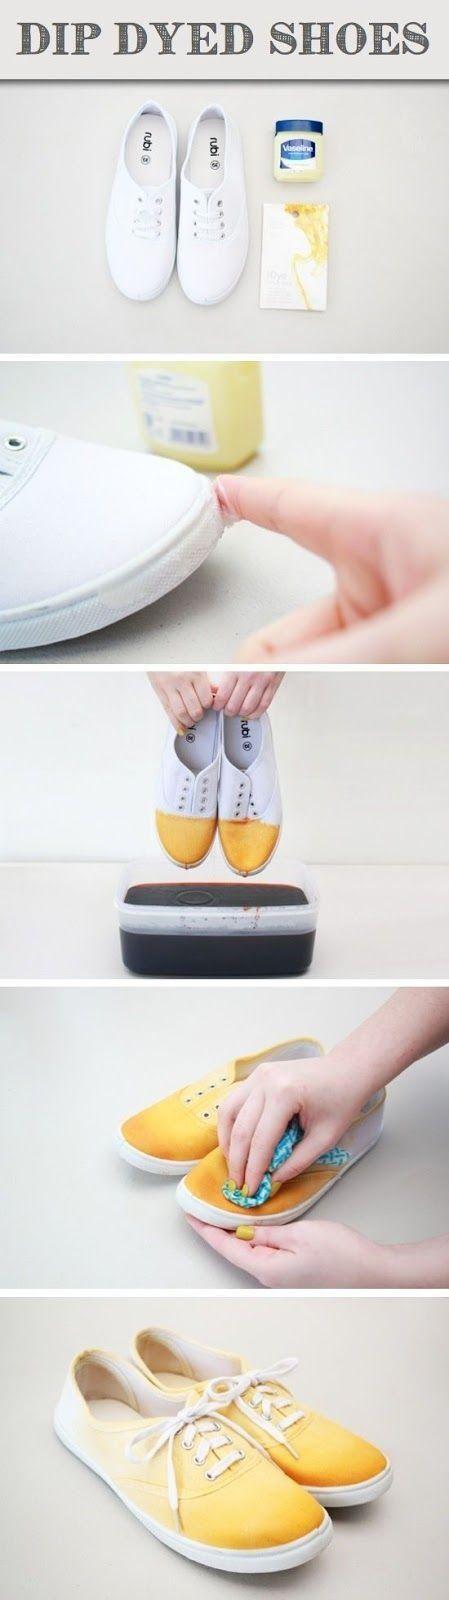 Pin de Tracy G en zapatos Crafts  Pinterest zapatos en  Manualidades y Ropa e46ccf